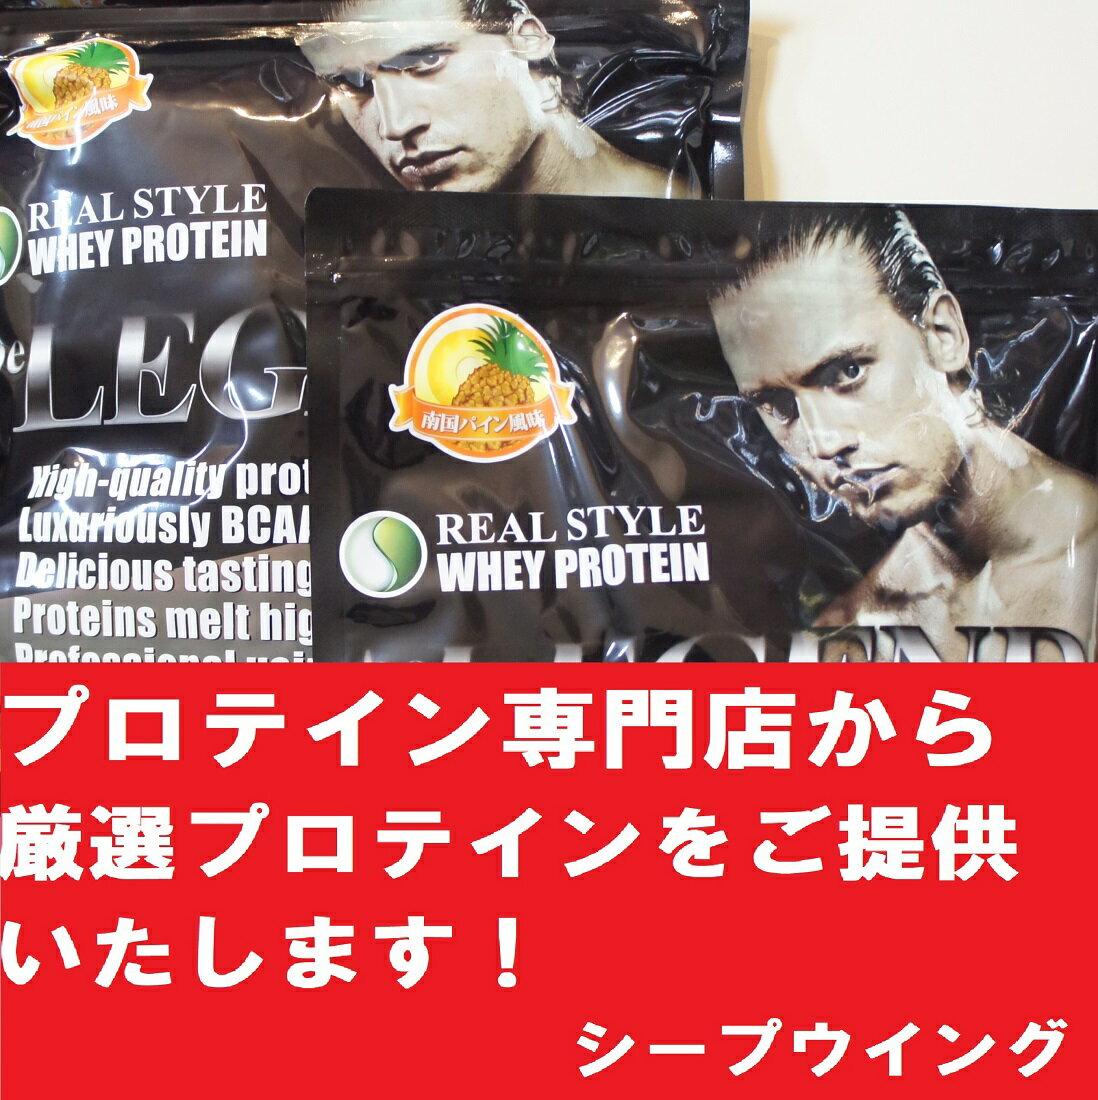 2袋販売【送料無料】ビーレジェンド -be LEGEND- 『南国パイン風味』【1Kg×2袋】【ホエイプロテイン】